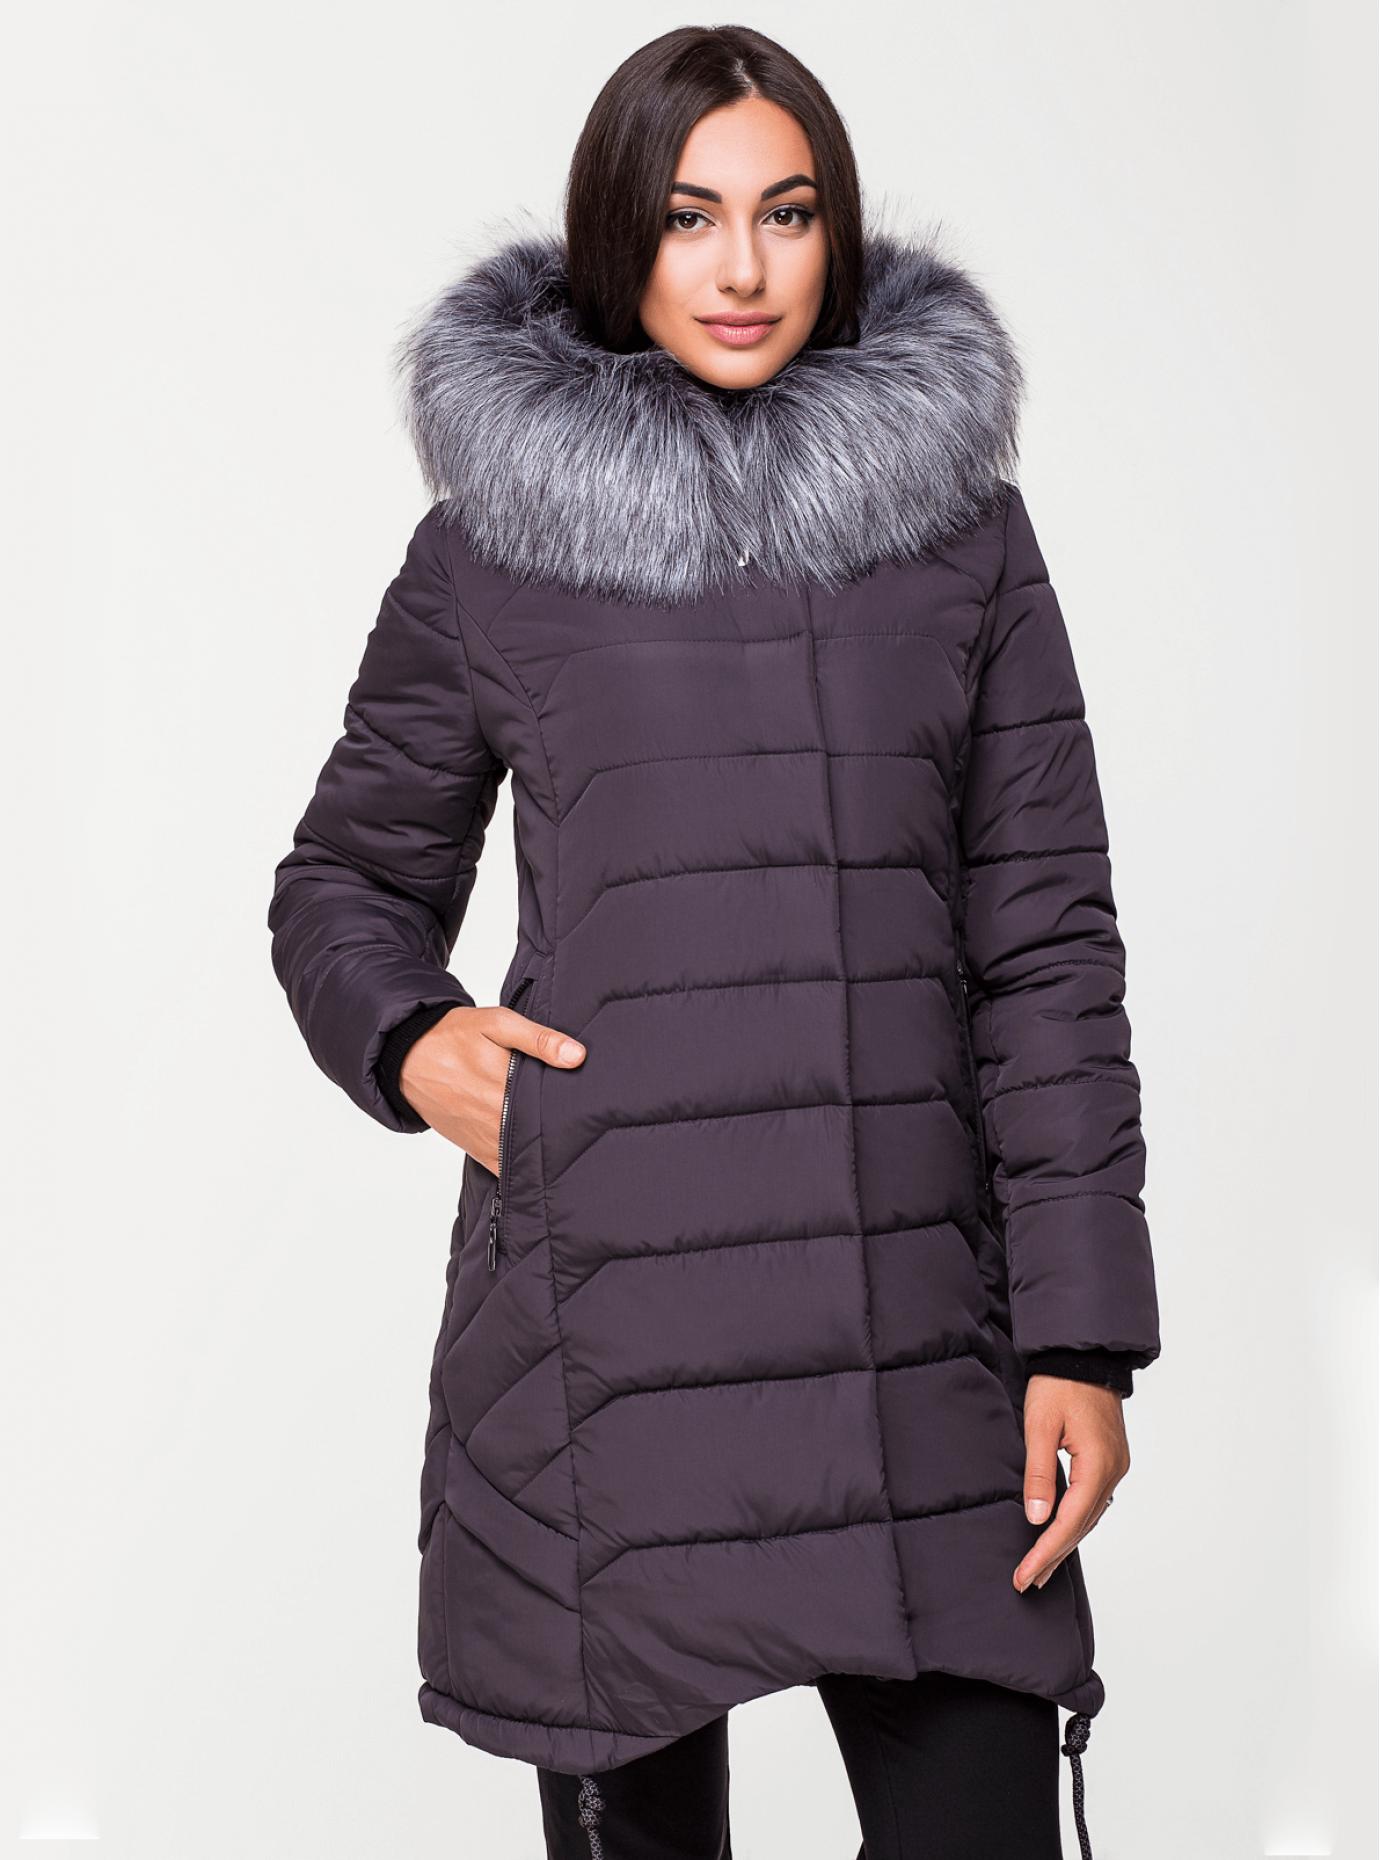 Куртка зимняя стеганая с искусственным мехом Тёмно-коричневый 44 (03-P19070): фото - Alster.ua